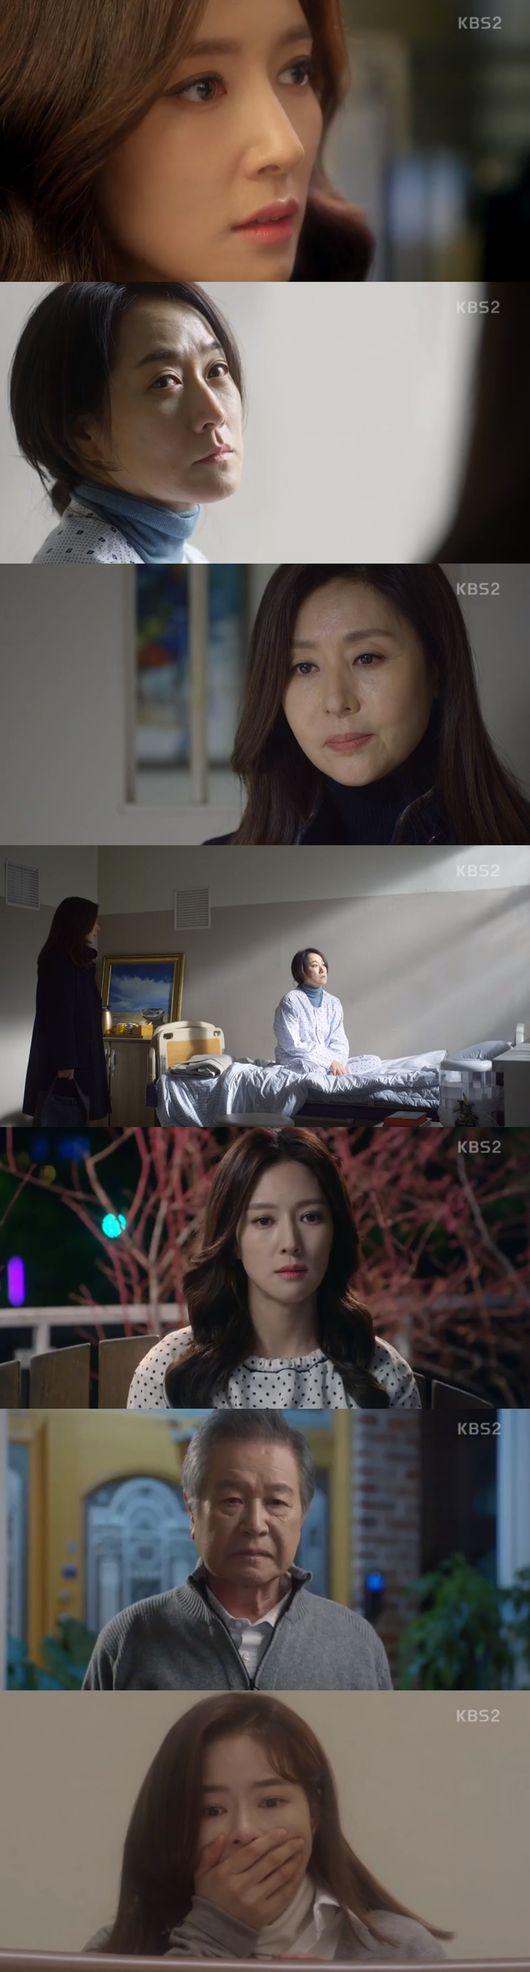 [어저께TV]'인형의 집' 왕빛나母 살아있었다! '정신병원 감금'